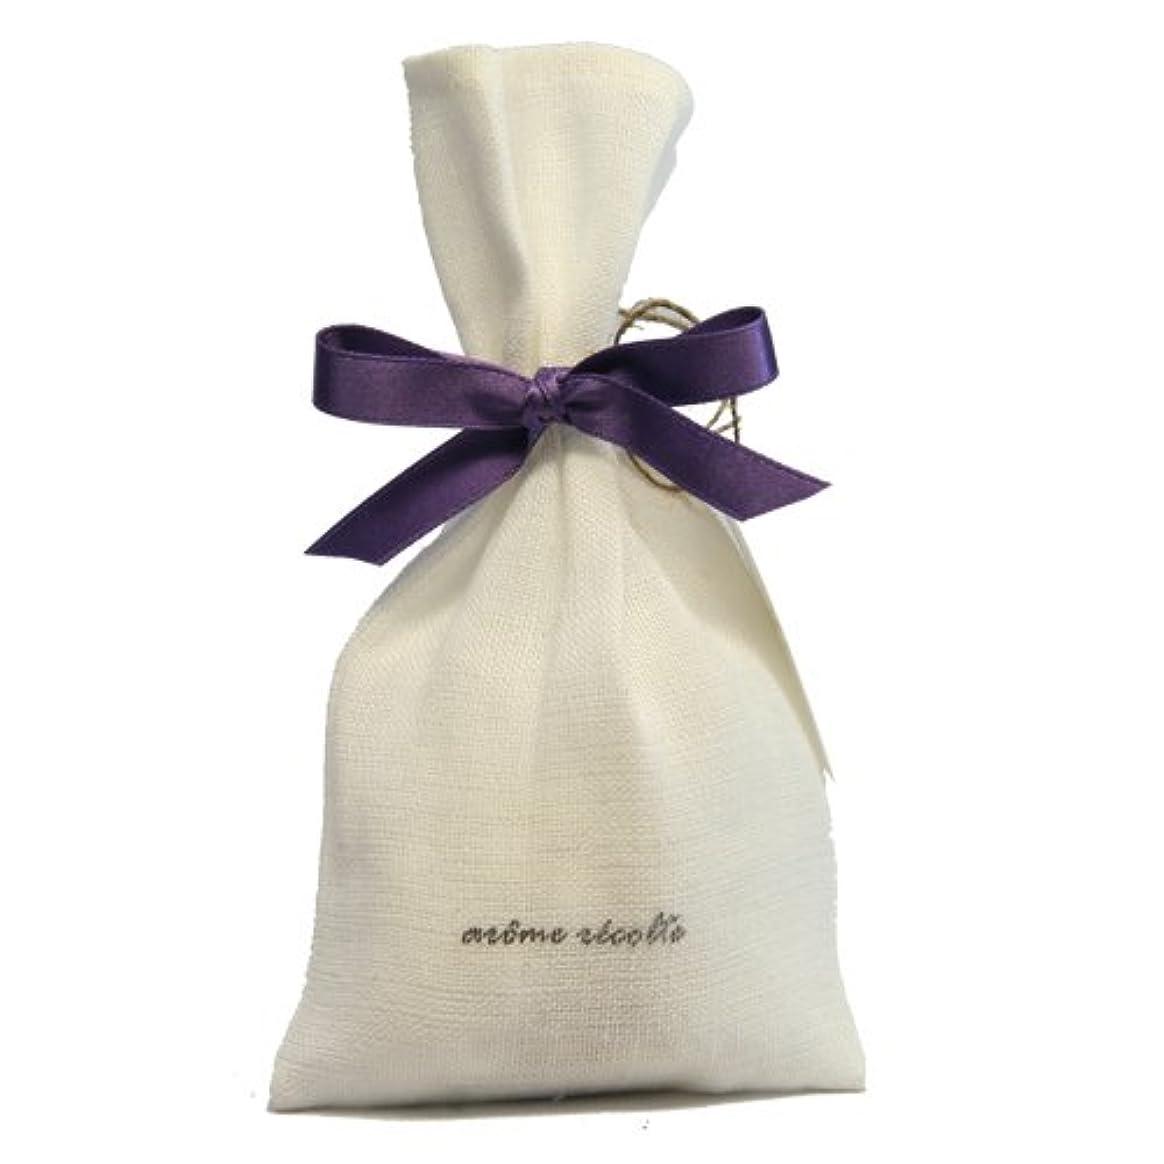 現象宇宙クリップ蝶アロマレコルト ナチュラルサシェ(香り袋) フローラル【Floral】 arome rcolte